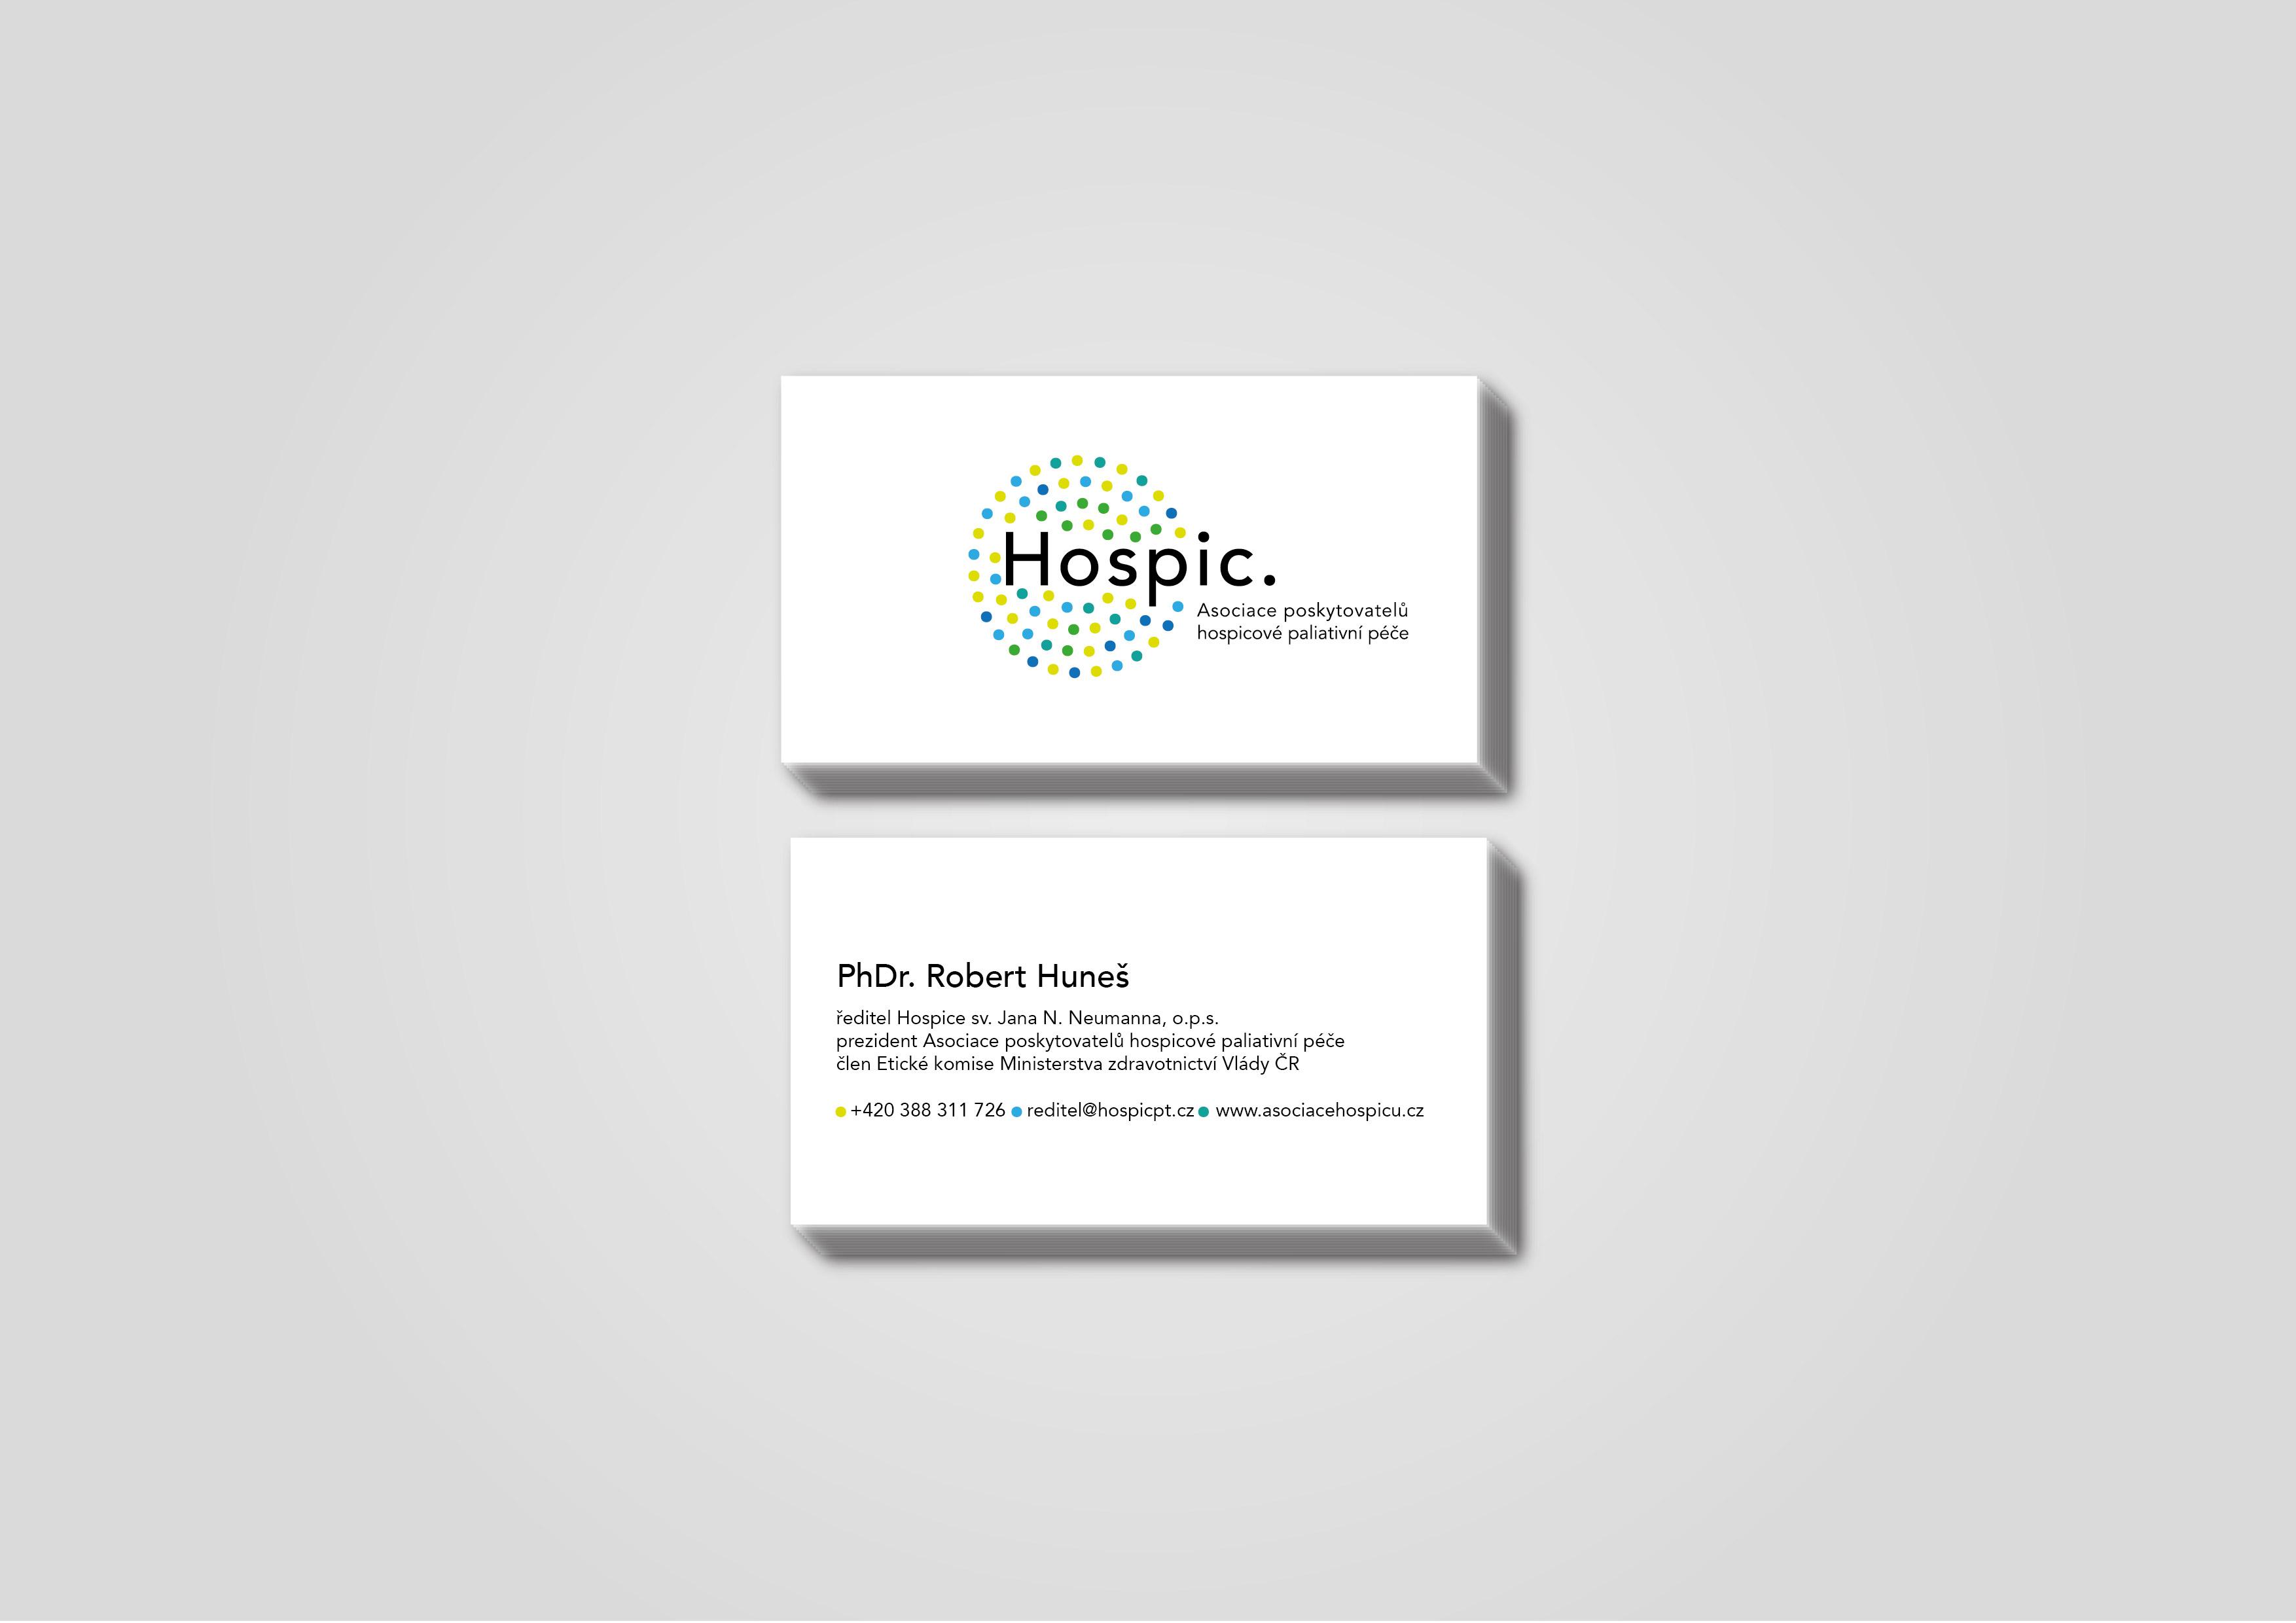 HOSPIC_CI-03